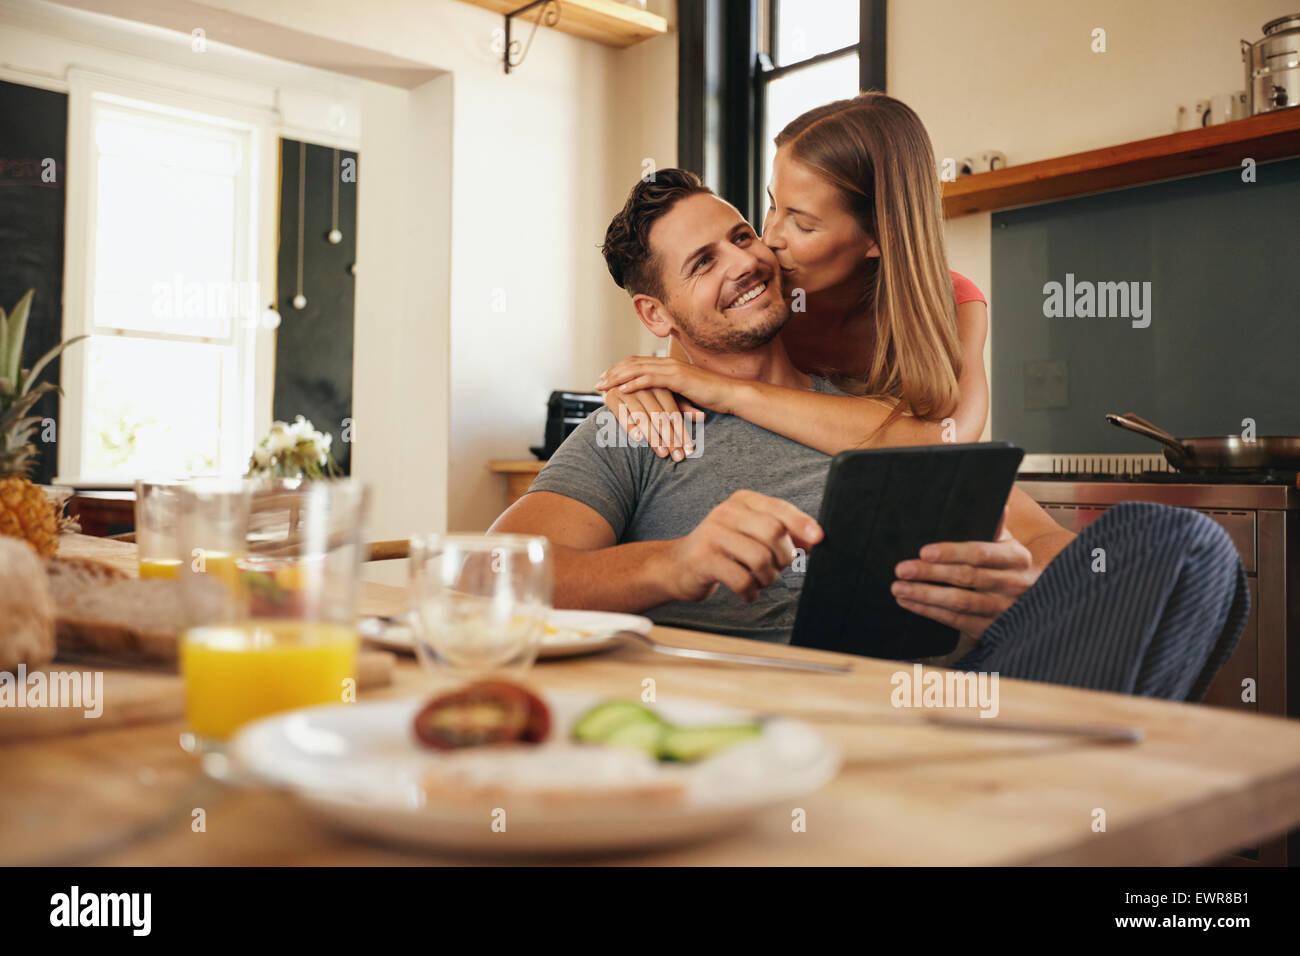 Junger Mann hält eine digitale-Tablette während seiner Freundin umarmt ihn von hinten, was ihm einen guten Stockbild